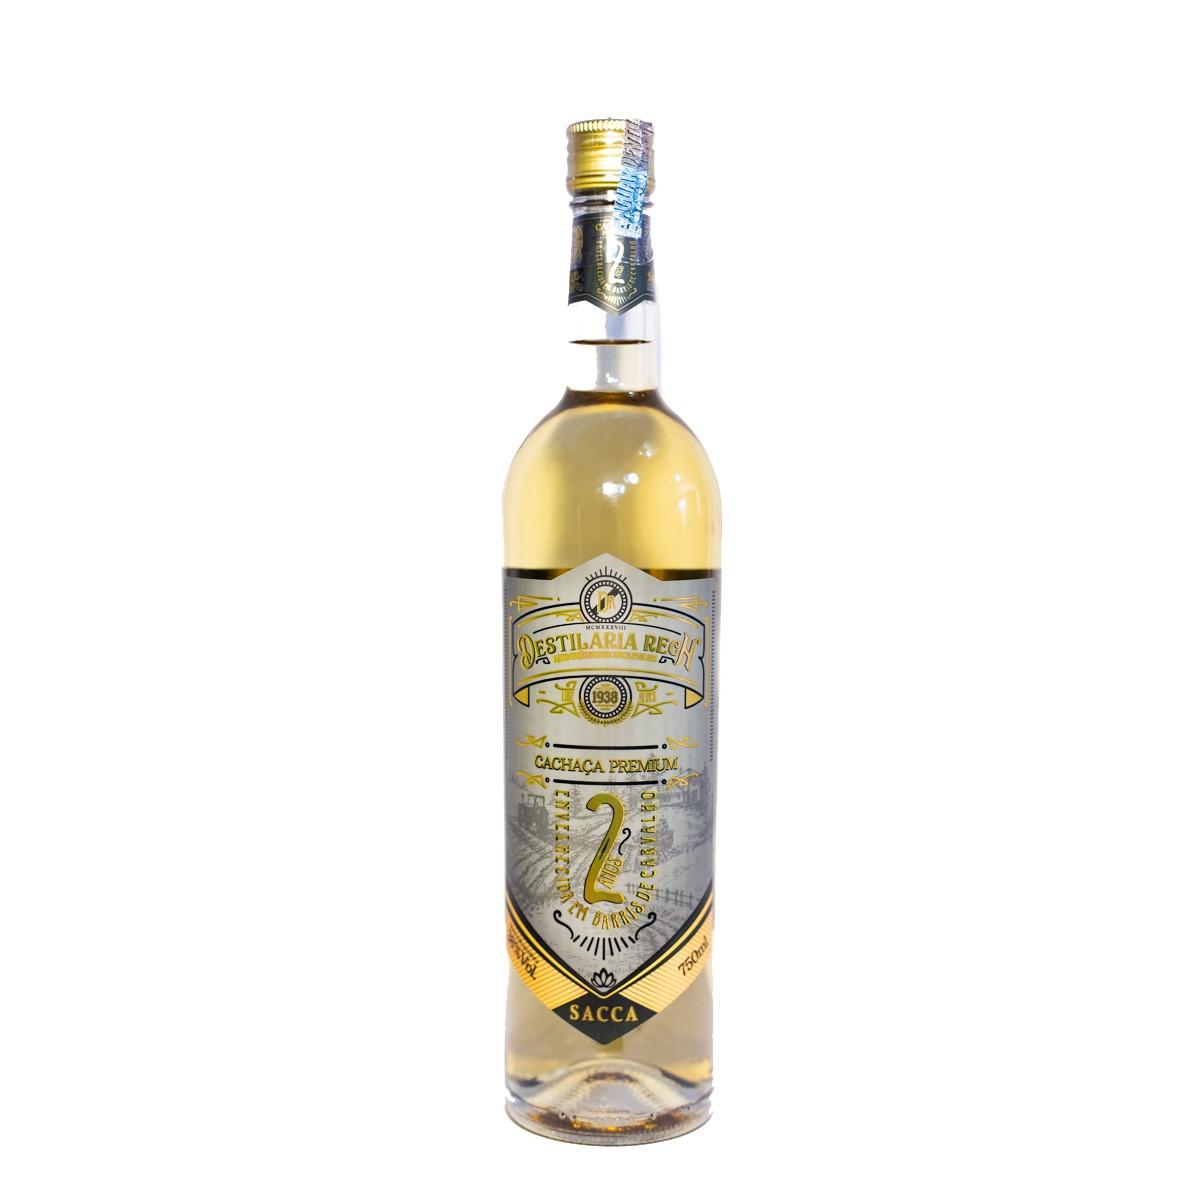 Cachaça Sacca Ouro Extra Premium - 2 anos - Rech - 750 ml